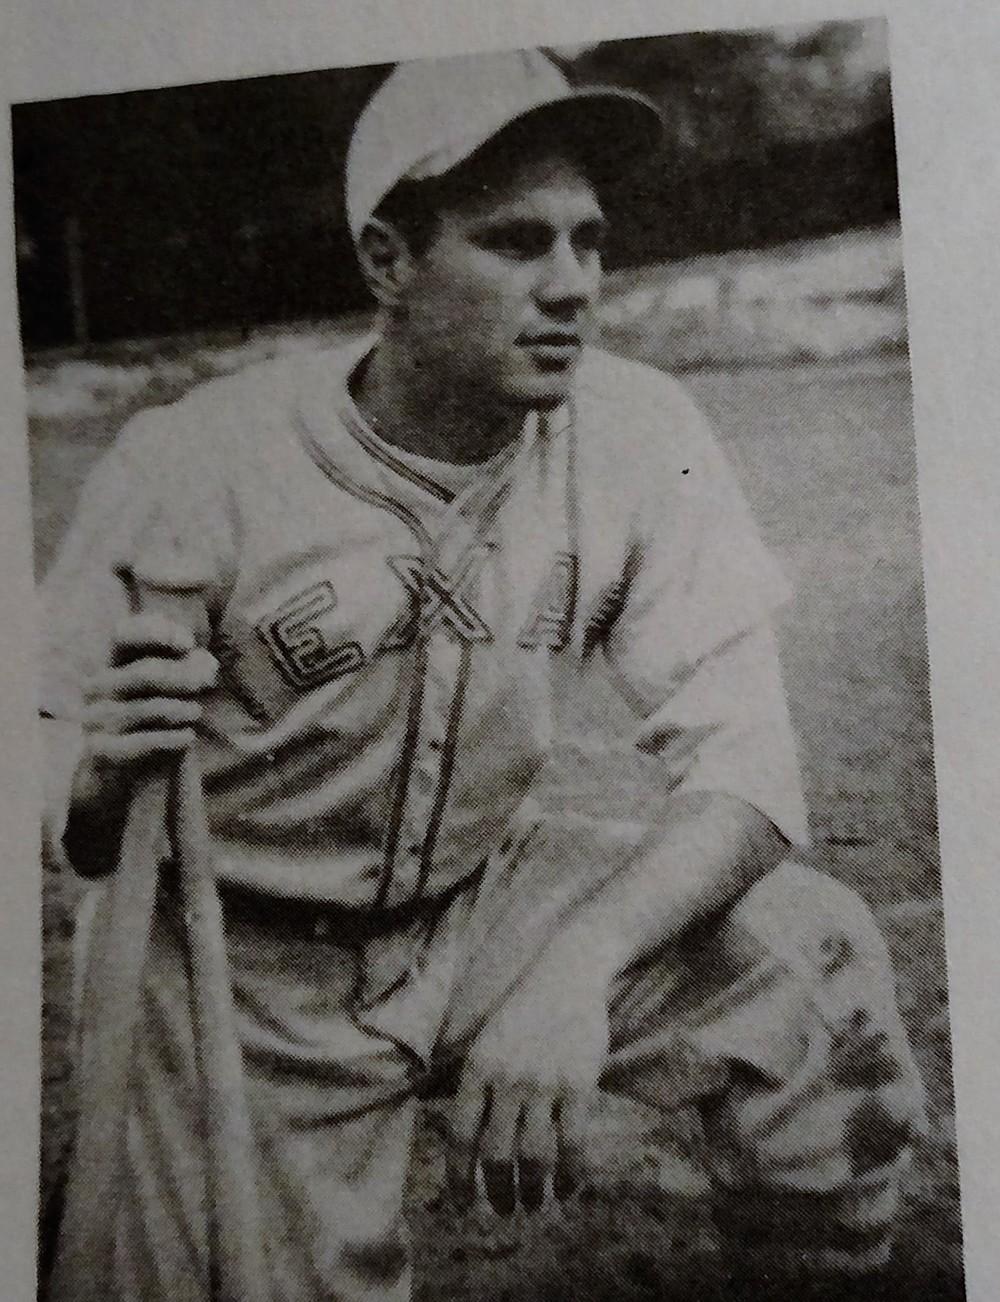 Charley Munson 1947